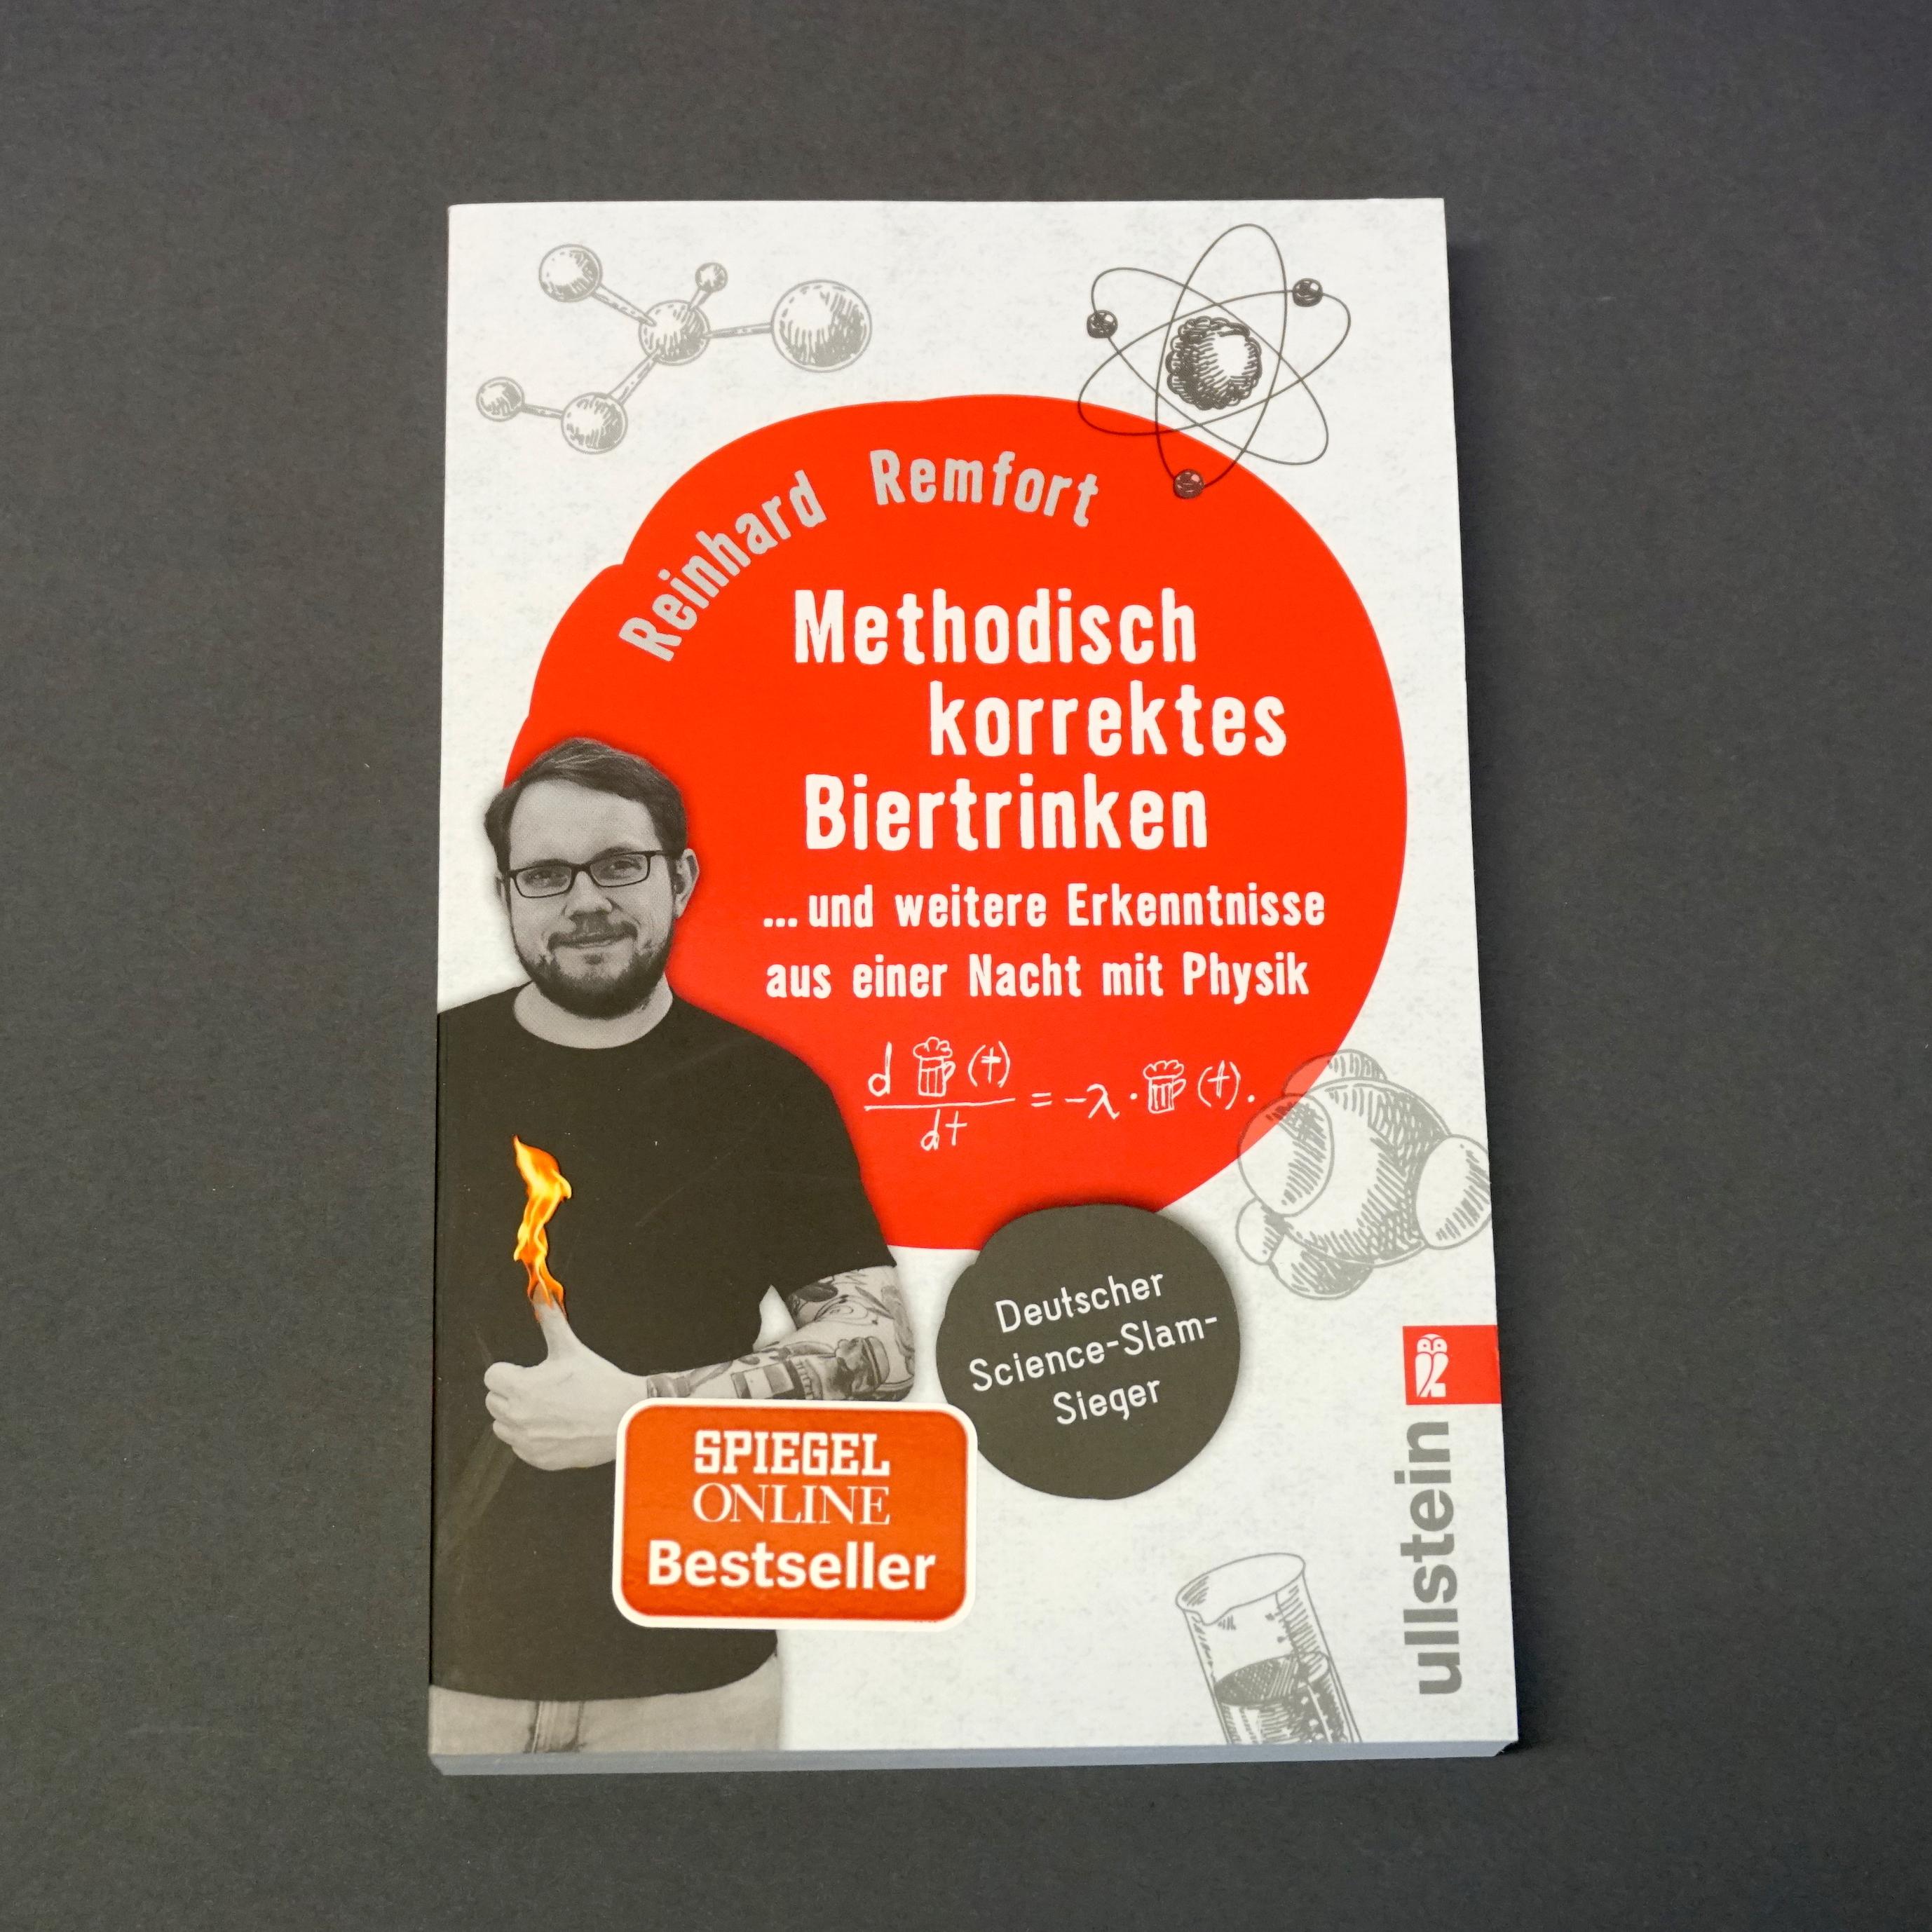 Methodisch korrektes Biertrinken - Buch von Reinhard Remfort